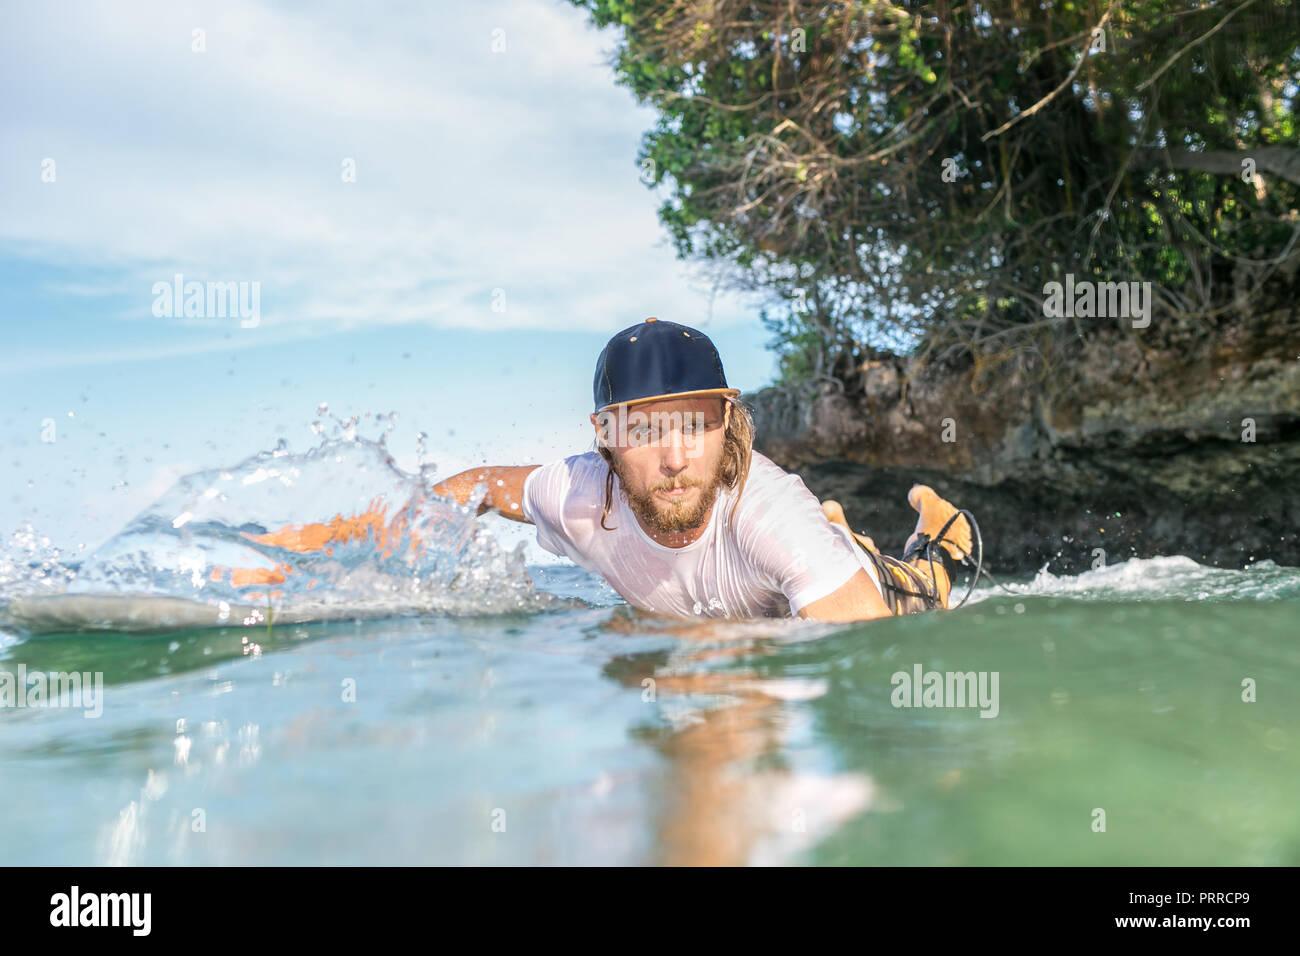 Schwere männliche Surfer schwimmen auf Surfen im Meer am Sandstrand von Nusa Dua, Bali, Indonesien Stockbild